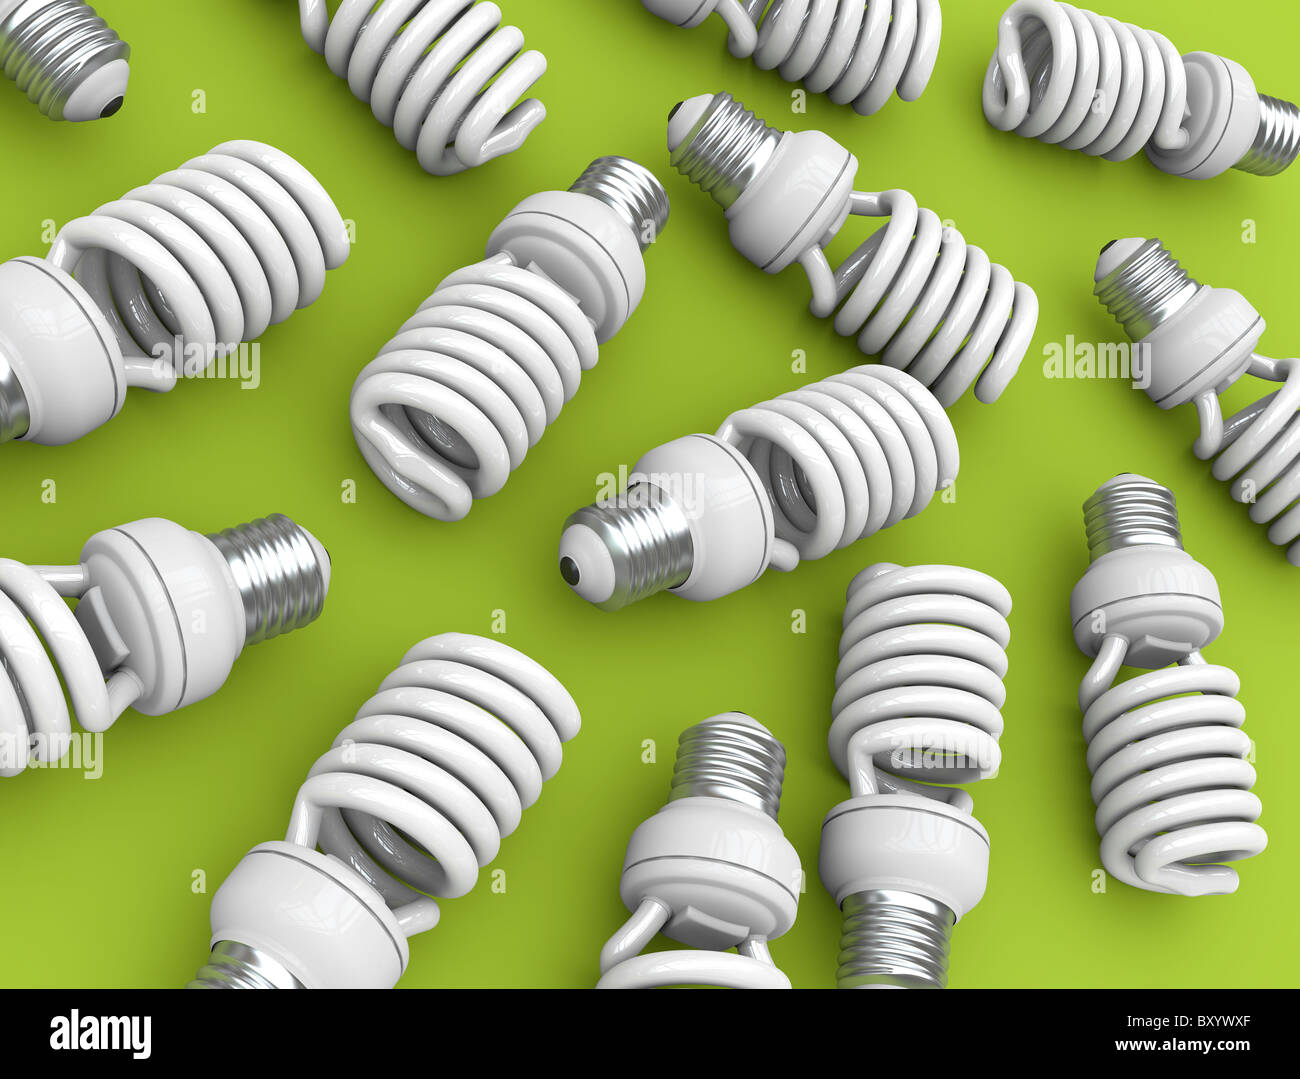 Bombillas de luz Imagen De Stock